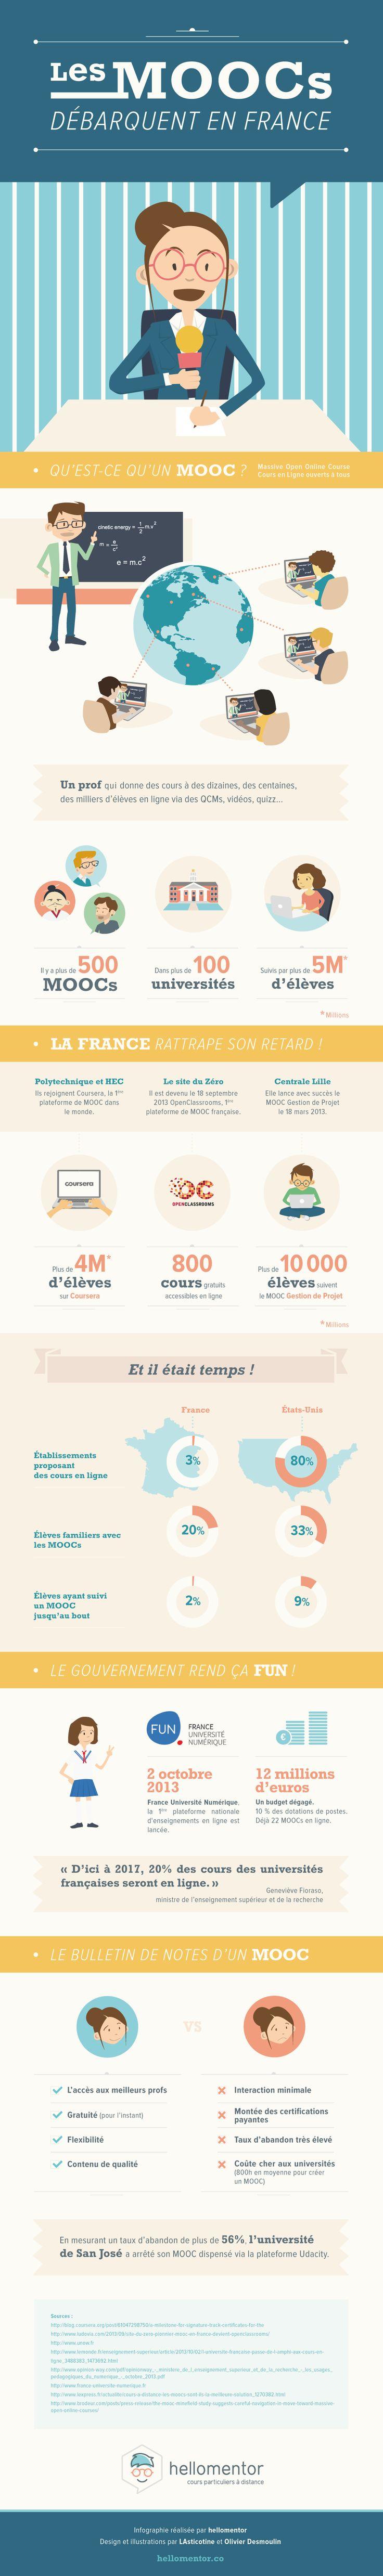 Les MOOCs débarquent en France - Une infographie du phénomène :: HelloMentor.co